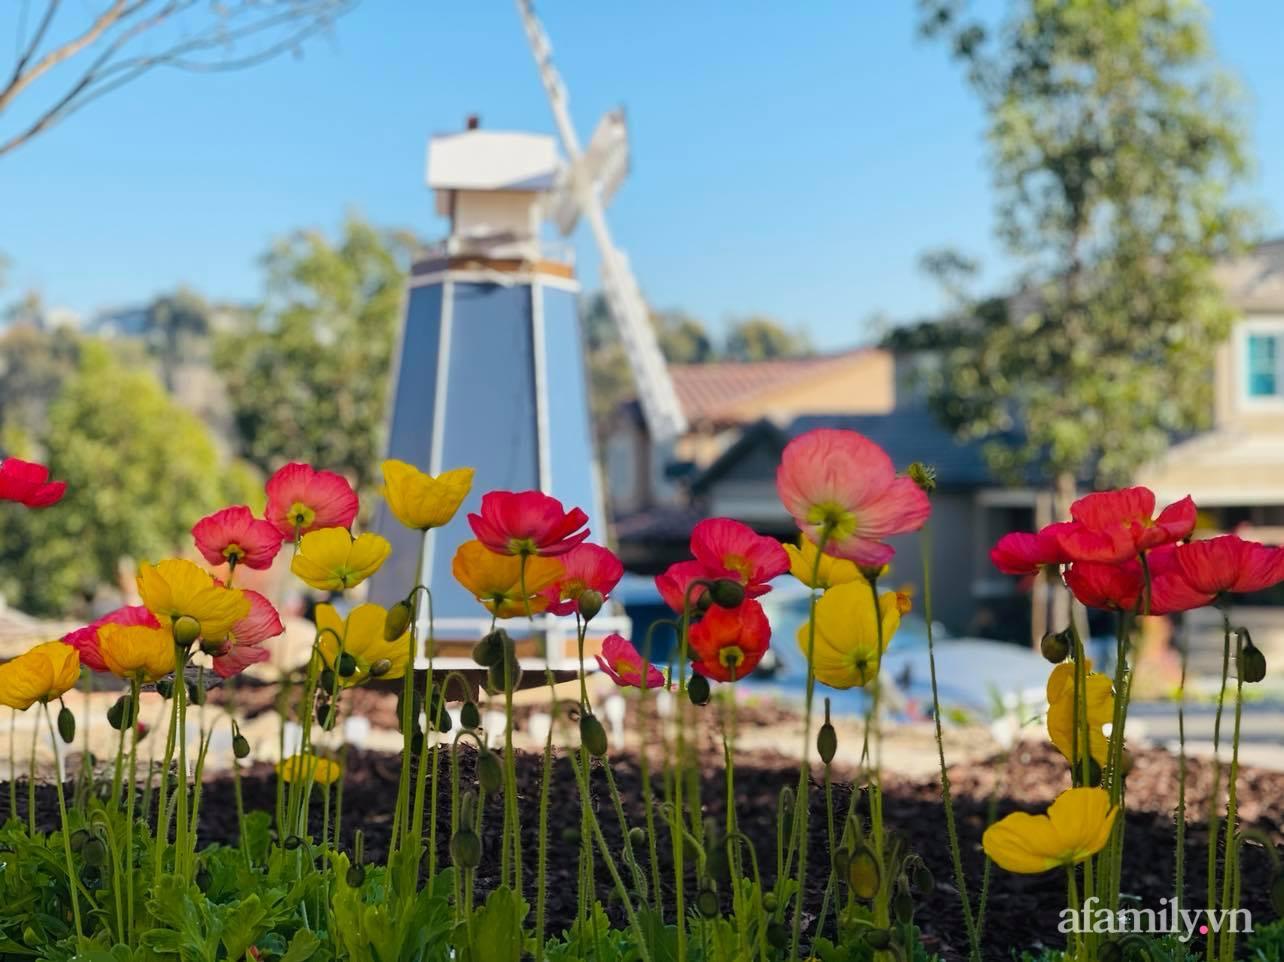 Khu vườn 750m² muôn hoa khoe sắc tỏa hương của mẹ Việt thức đêm chăm cây ở Mỹ - Ảnh 23.